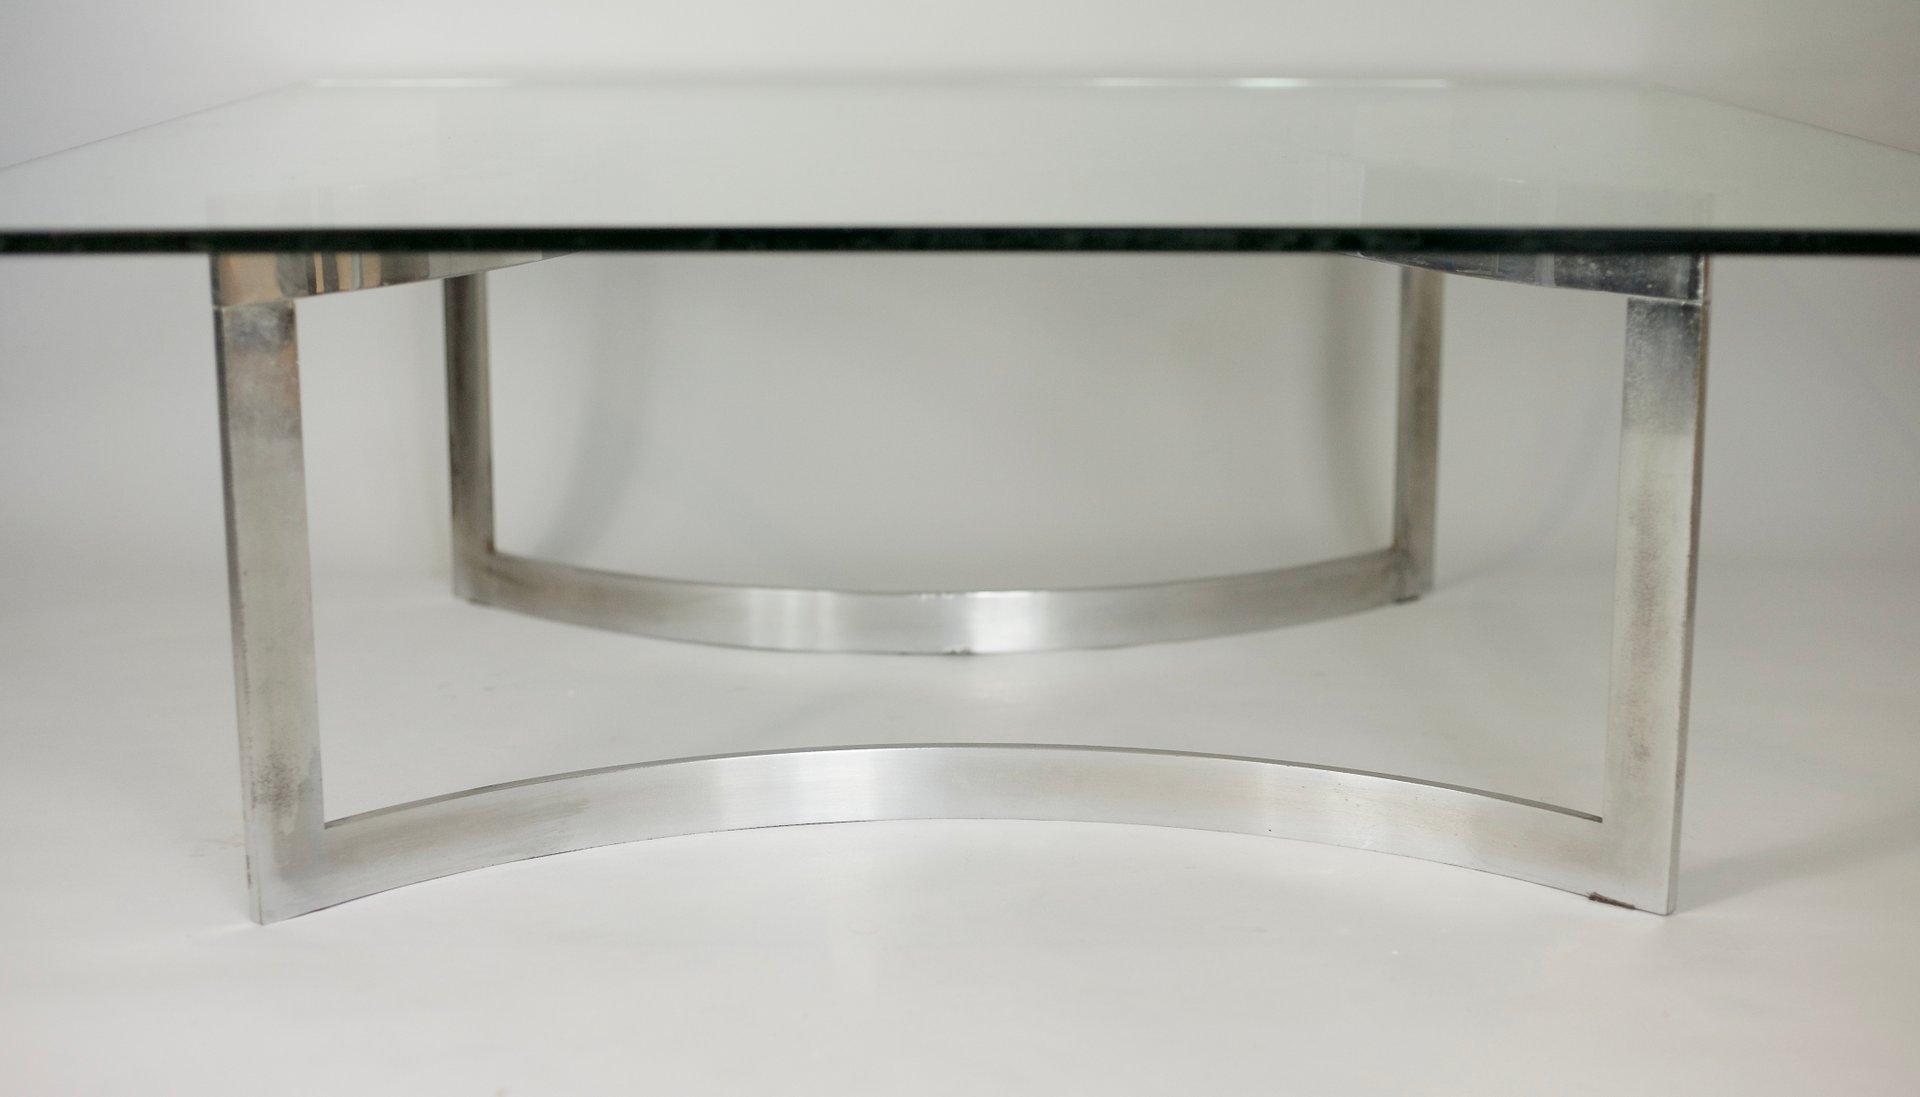 couchtisch aus verchromtem stahl dickem glas von dassas 1963 bei pamono kaufen. Black Bedroom Furniture Sets. Home Design Ideas